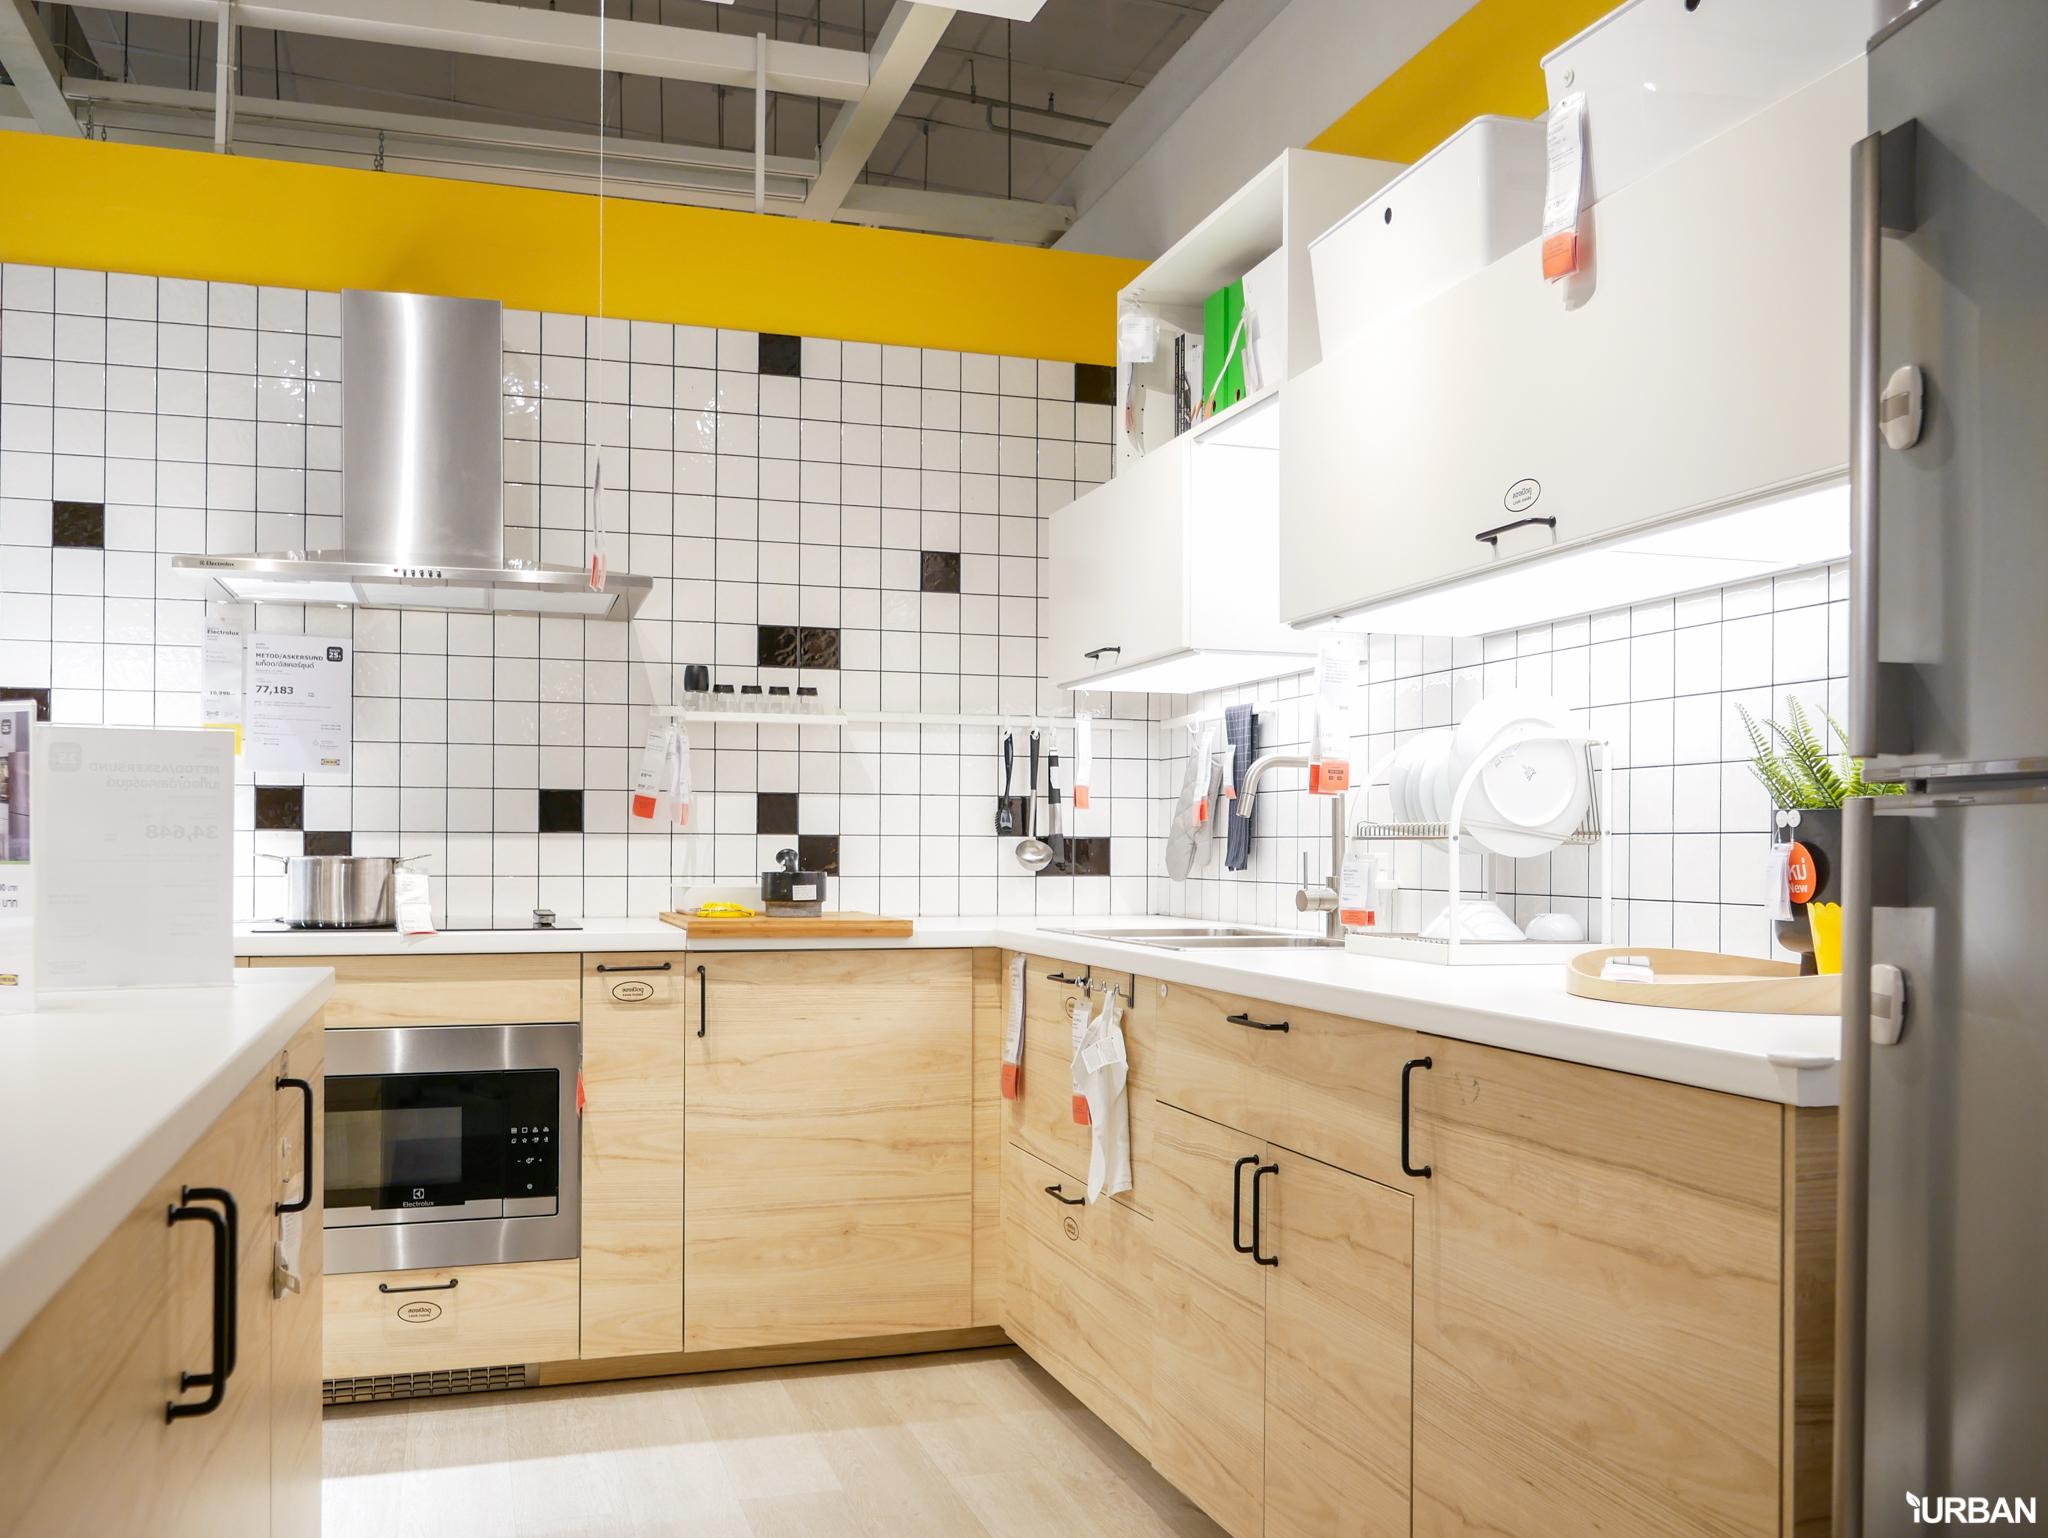 9 เหตุผลที่คนเลือกชุดครัวอิเกีย และโอกาสที่จะมีครัวในฝัน IKEA METOD/เมท็อด โปรนี้ดีที่สุดแล้ว #ถึง17มีนา 59 - IKEA (อิเกีย)